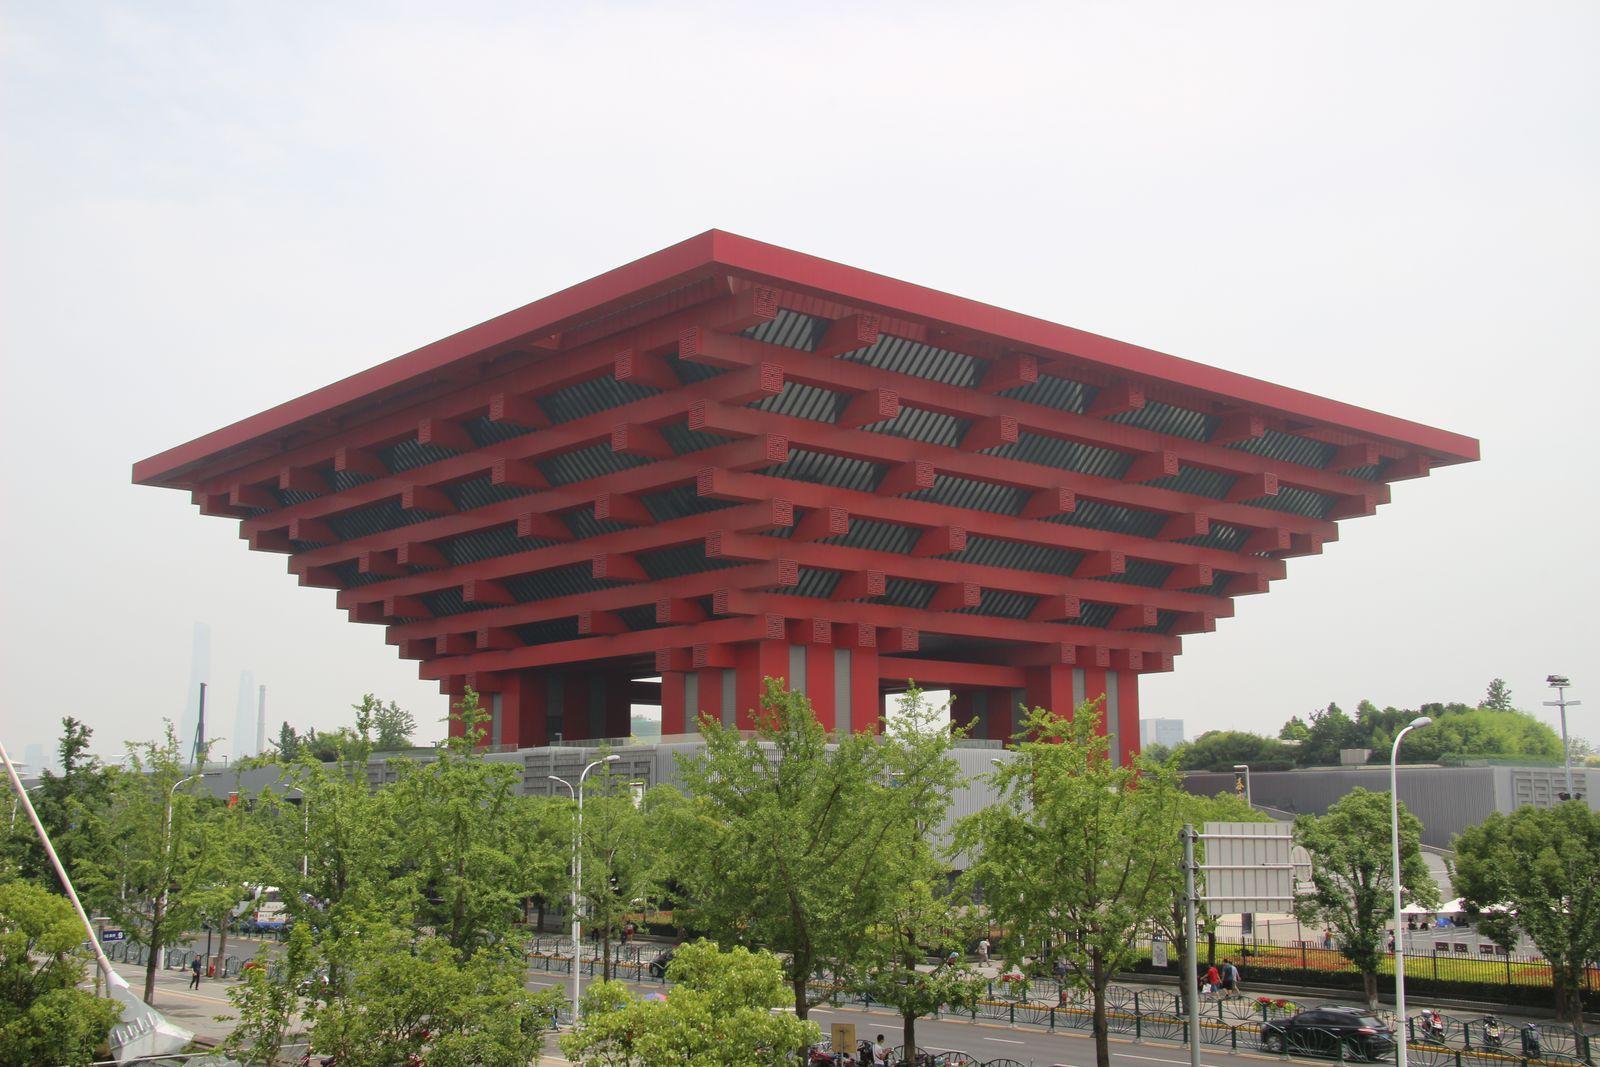 상하이를 대표하는 현대 미술관 중화예술궁. 왕관처럼 보여 `동방의 관`이라는 별칭이 있다.